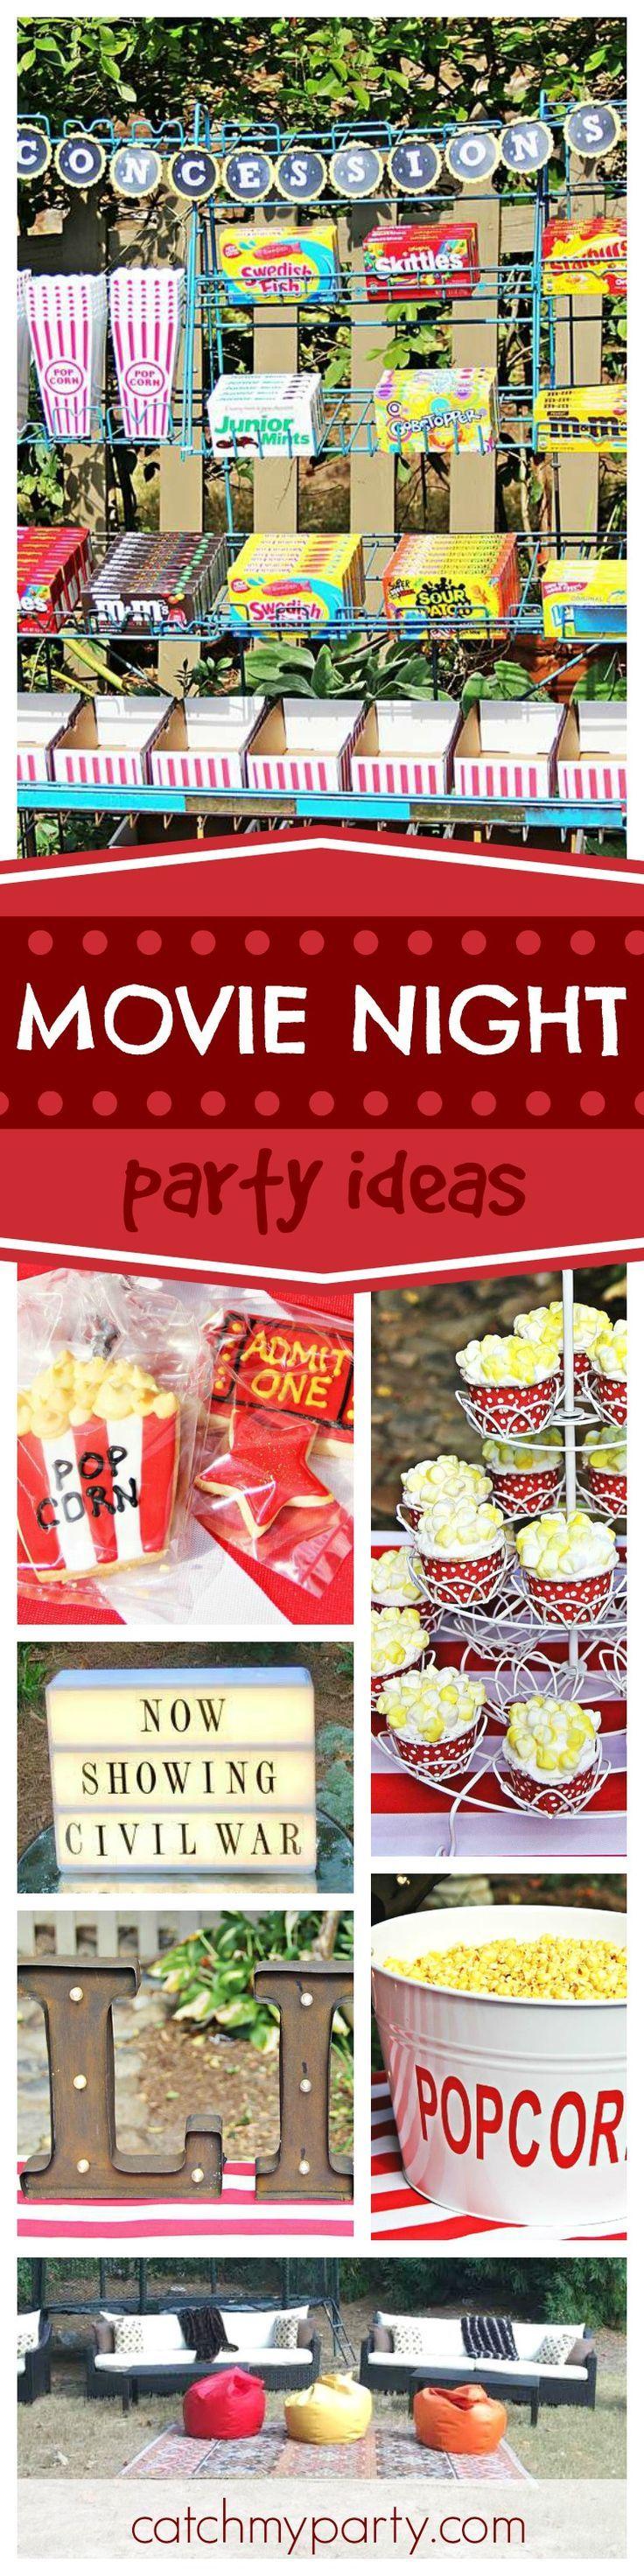 Moonlight And Movies Birthday